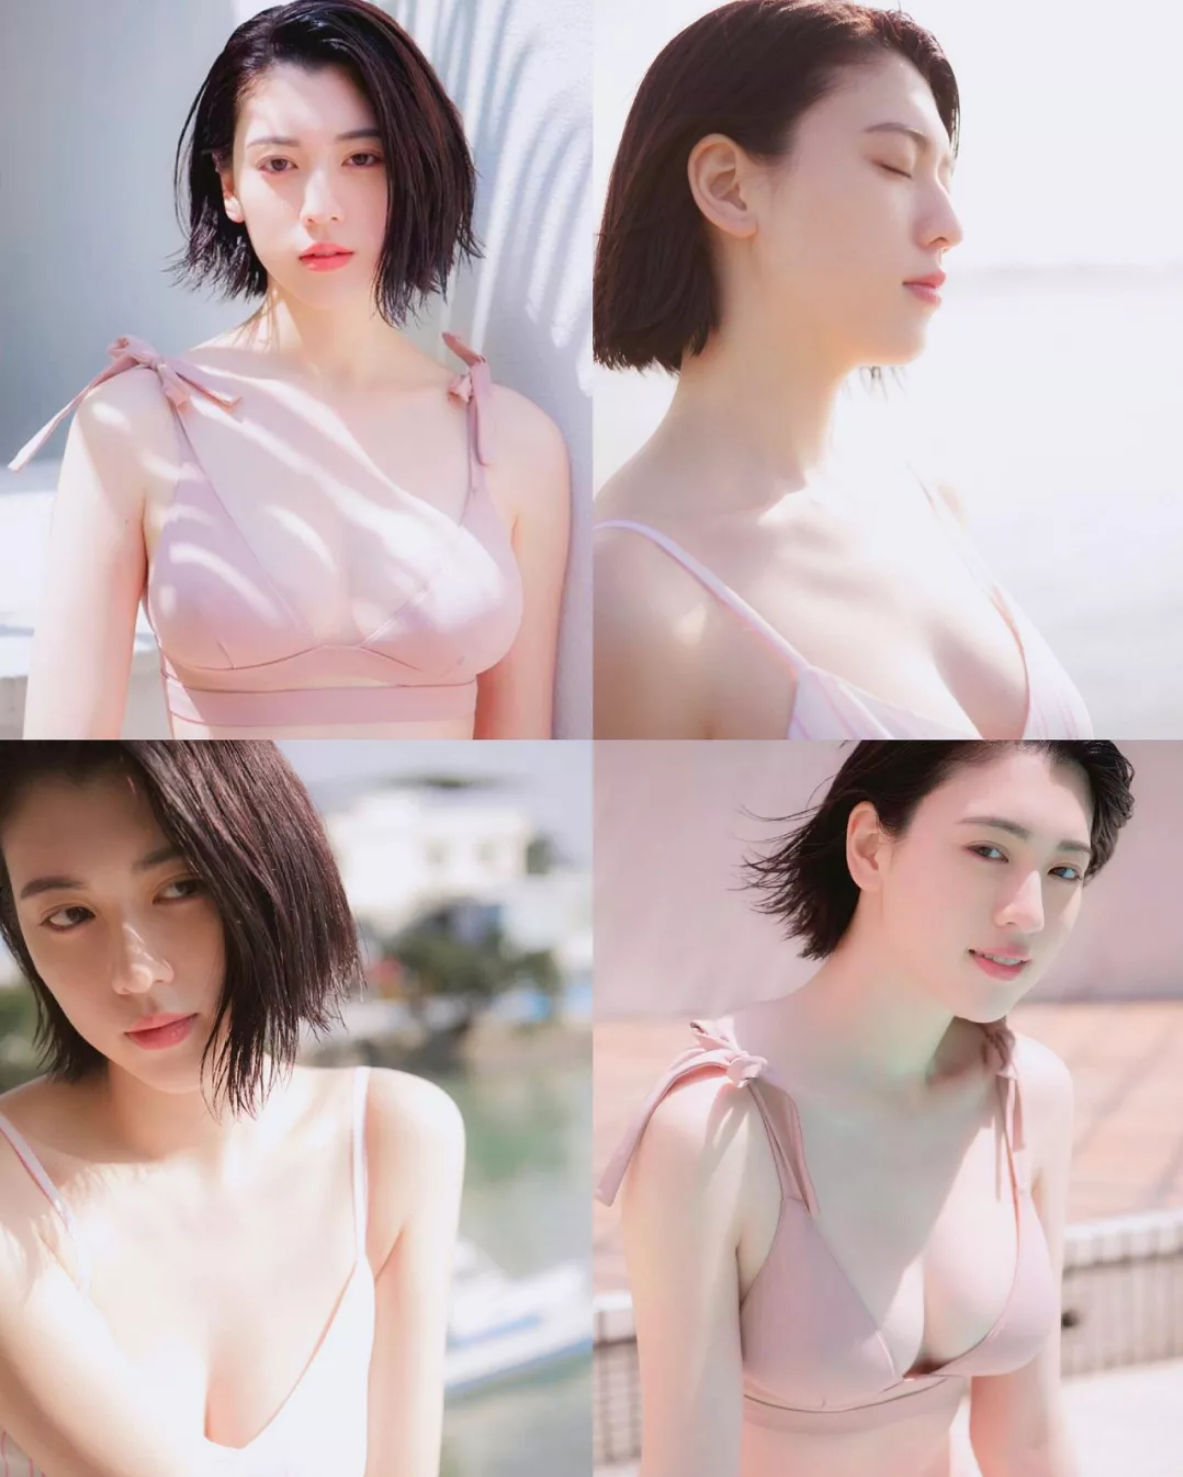 周杰伦新歌《说好不哭》发布,MV女主角三吉彩花一夜爆红